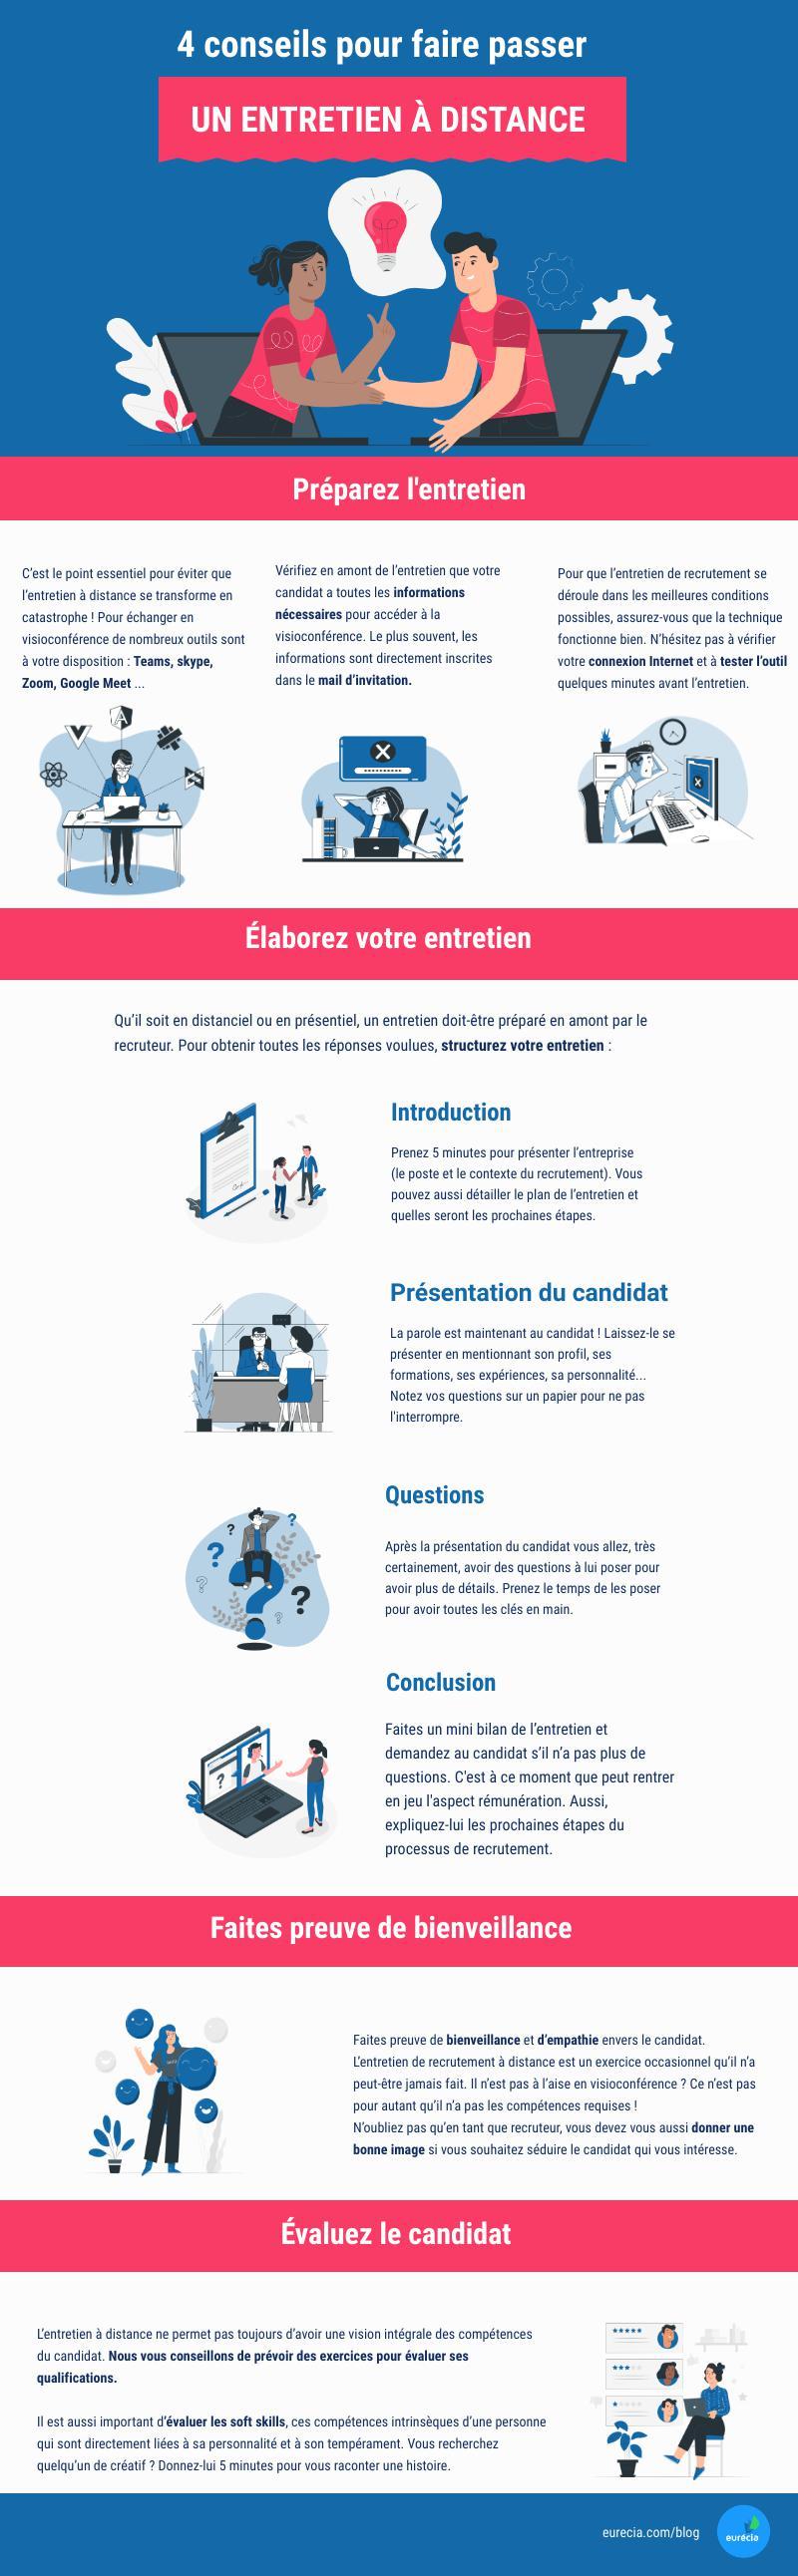 infographie_4_conseils_pour_faire_passer_un_entretien_a_distance.jpg